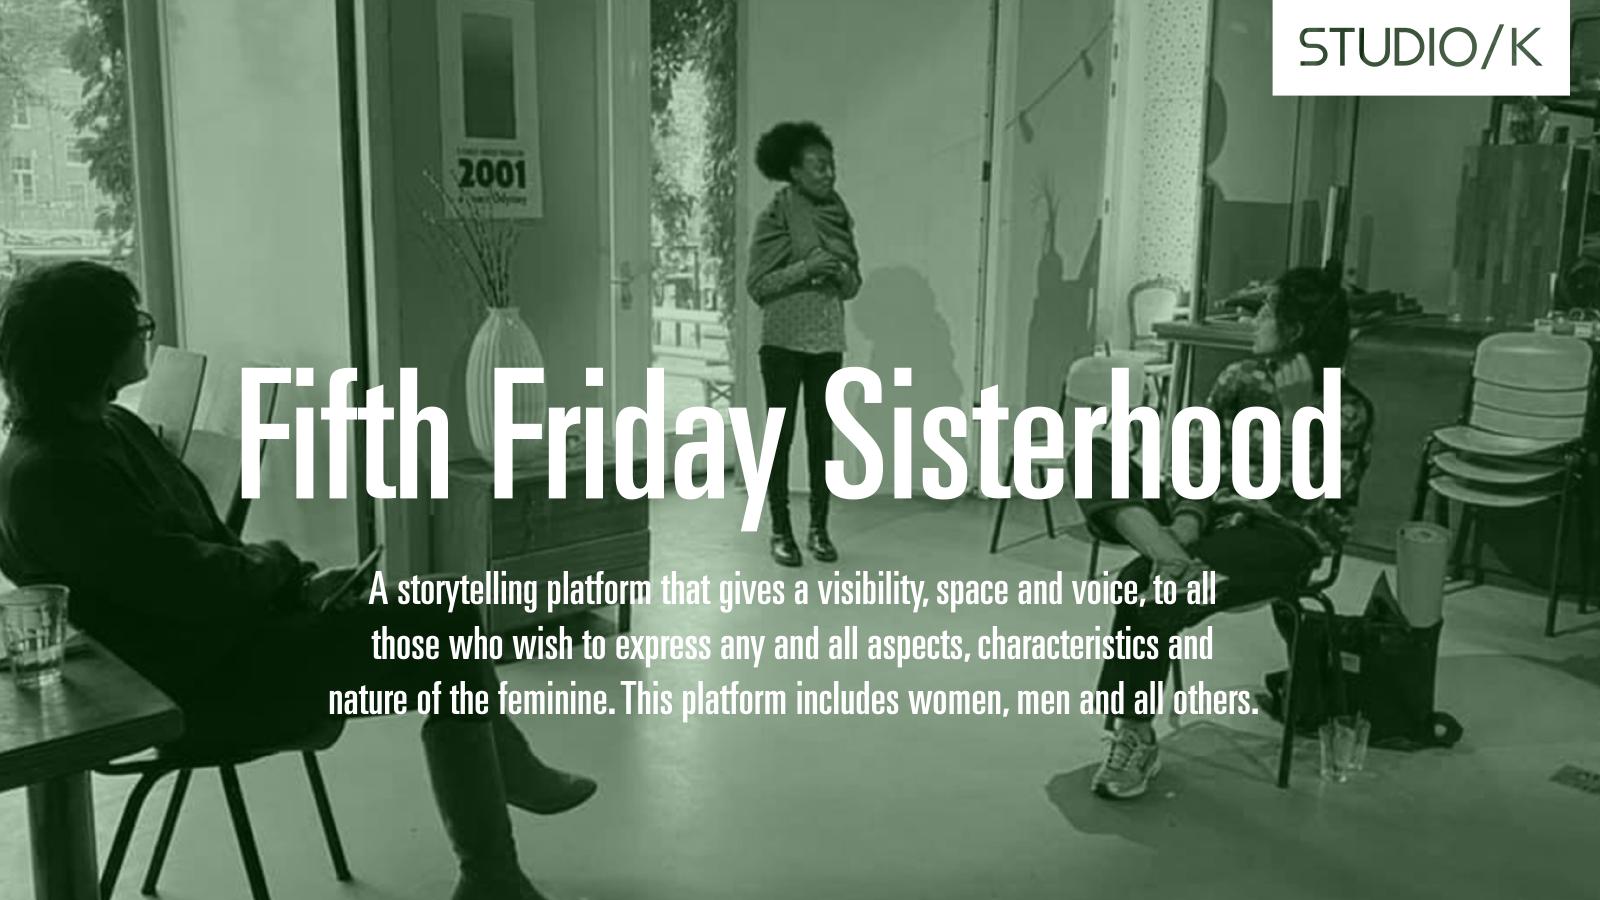 Fifth Friday Sisterhood